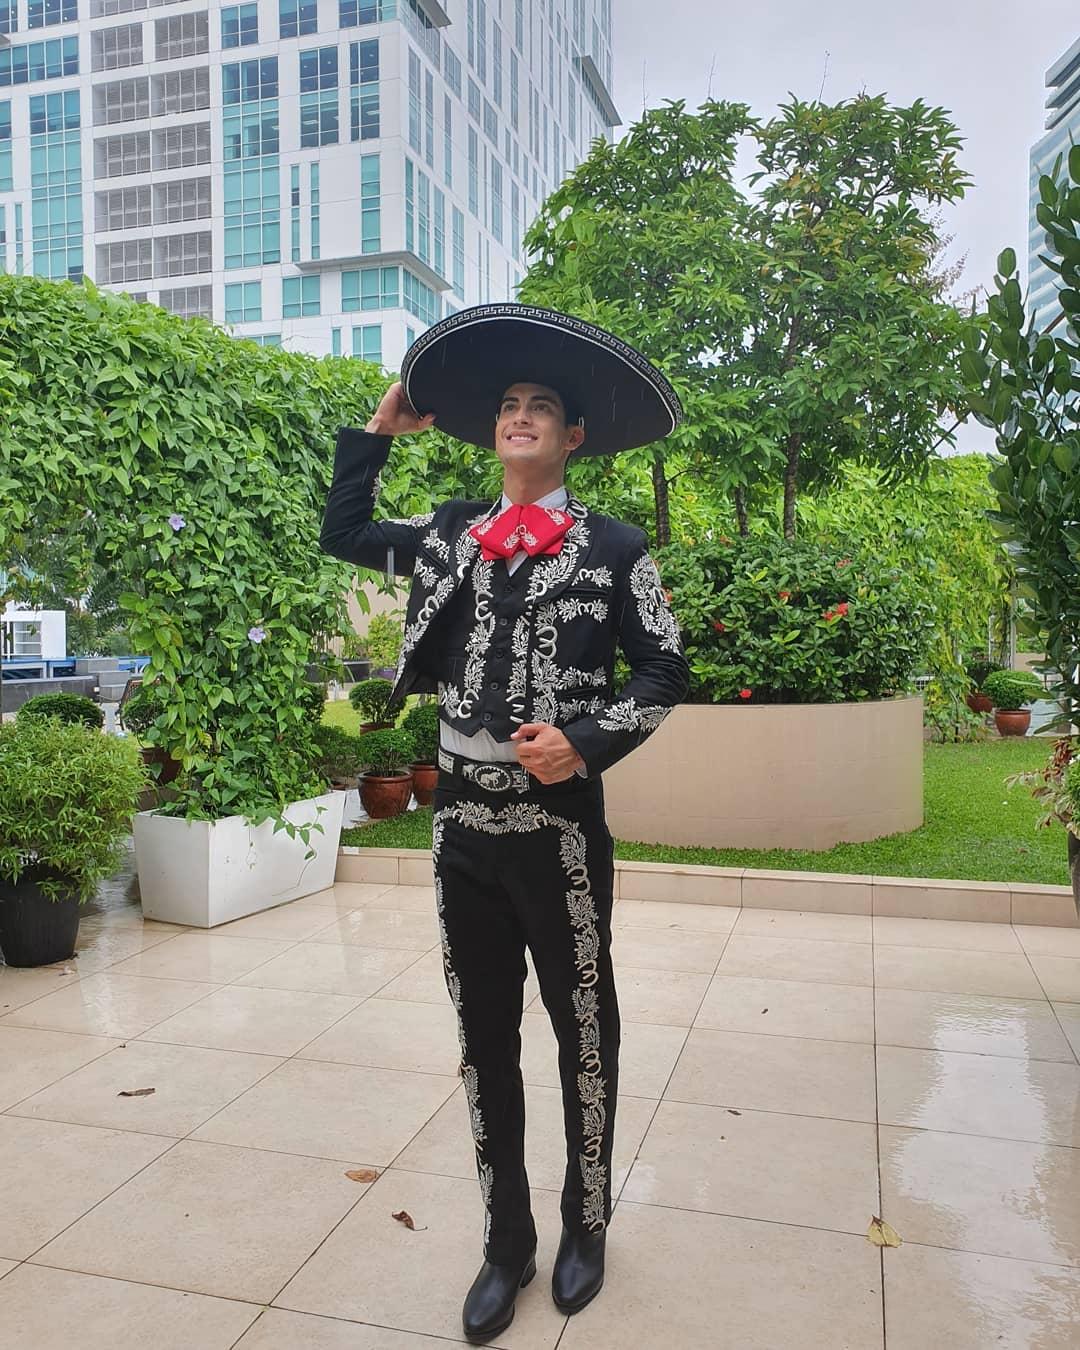 brian faugier, 2nd runner-up de mr world 2019. - Página 2 Missbe19